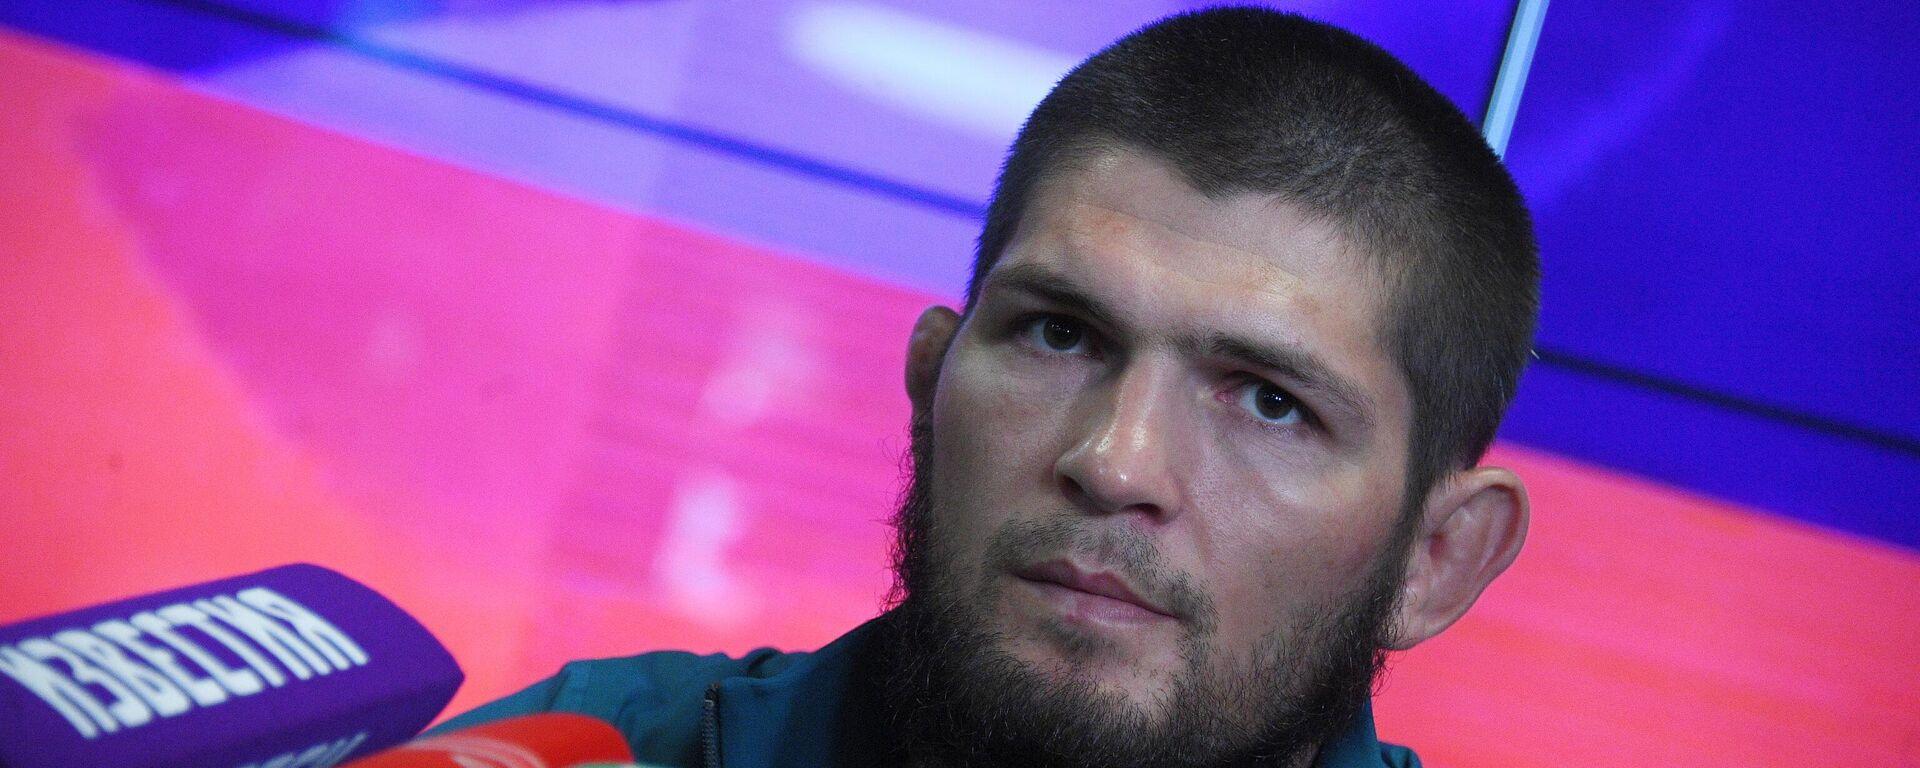 El luchador ruso de artes marciales mixtas (MMA) Khabib Nurmagomédov - Sputnik Mundo, 1920, 01.04.2021